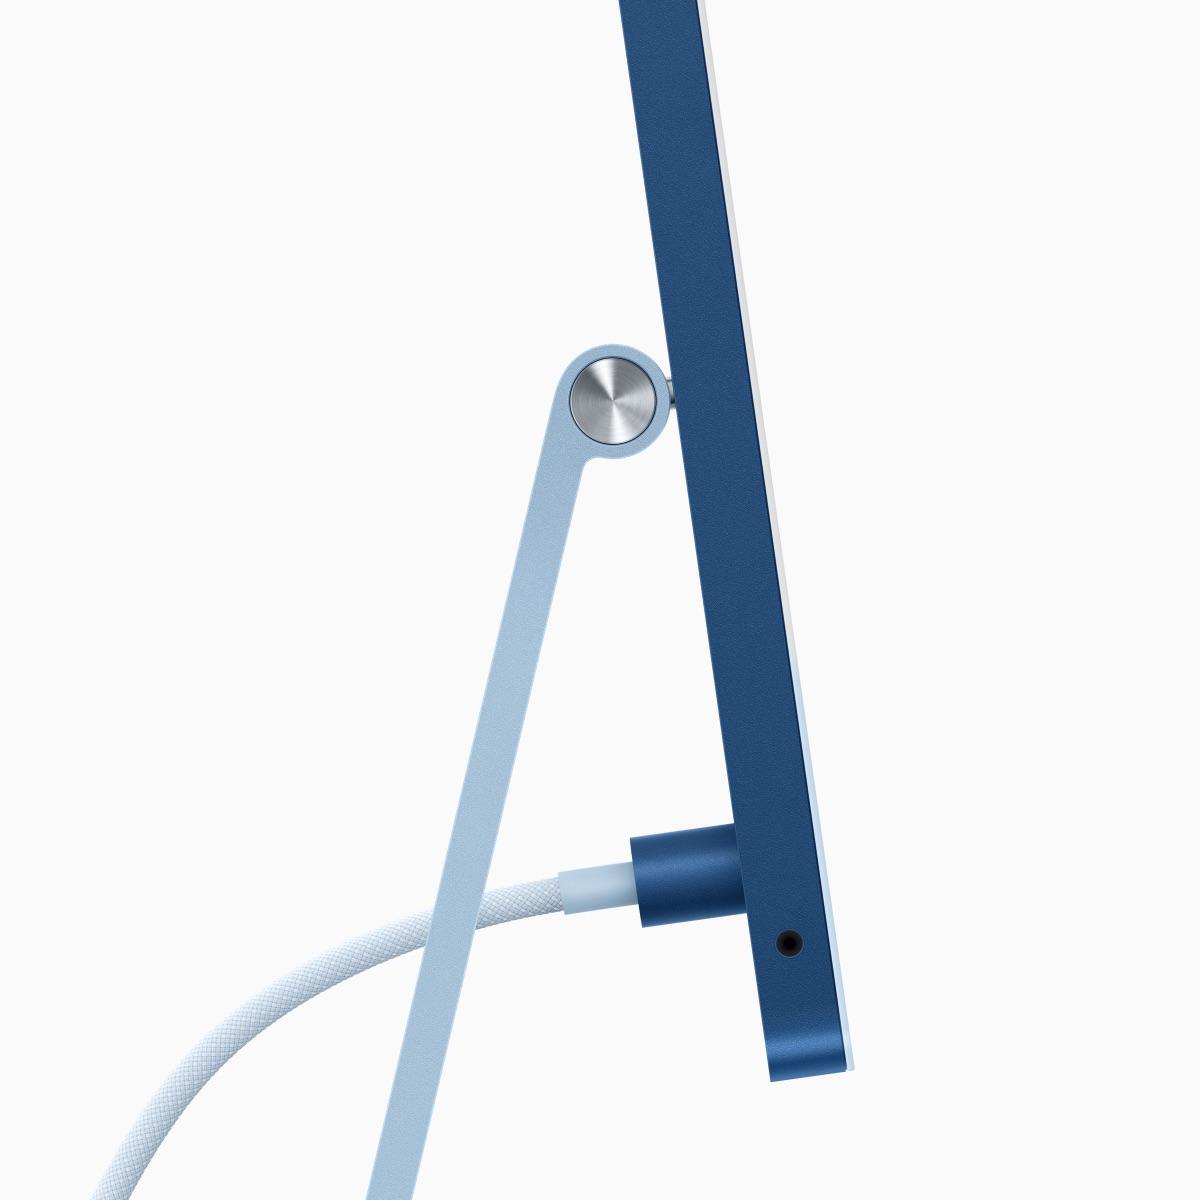 iMac 24 pouces disponible revendeur Bruxelles